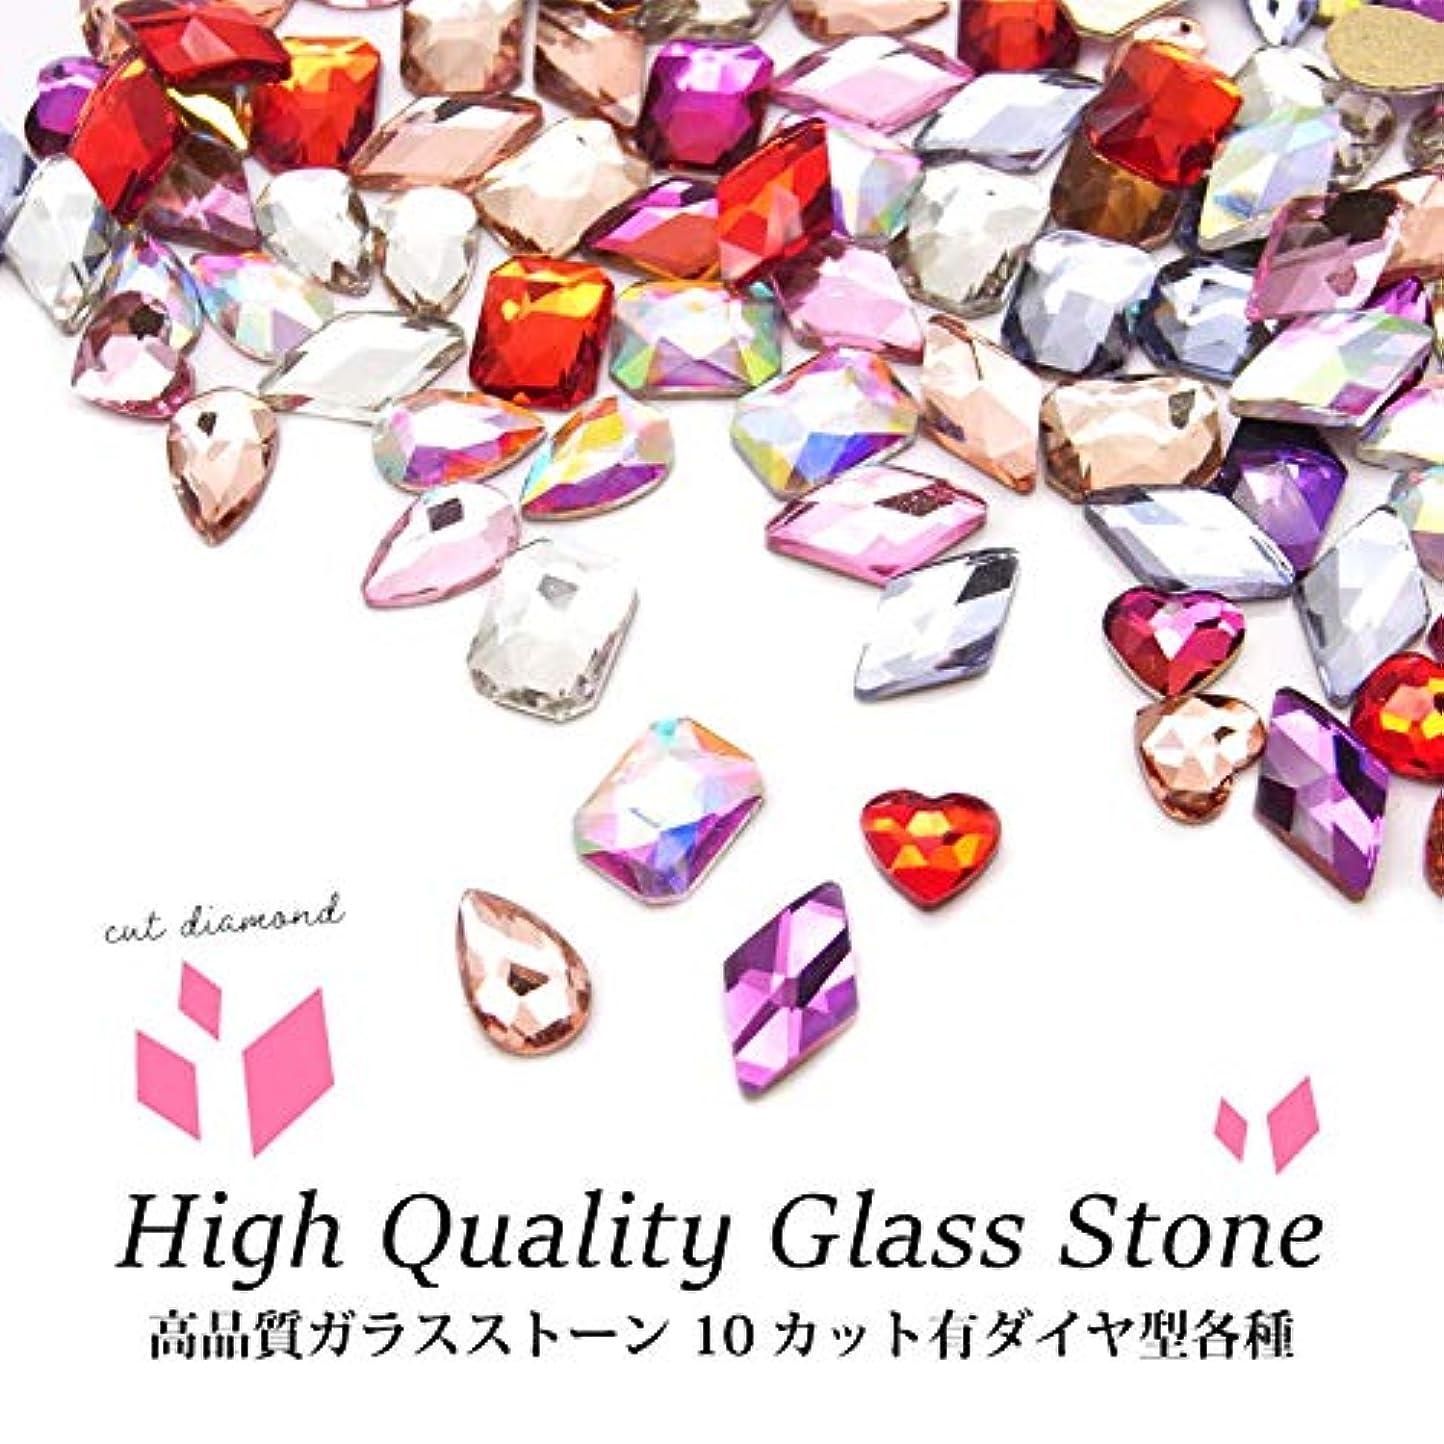 欠員辞書征服者高品質ガラスストーン 10 カット有ダイヤ型 各種 5個入り (2.クリスタルAB)